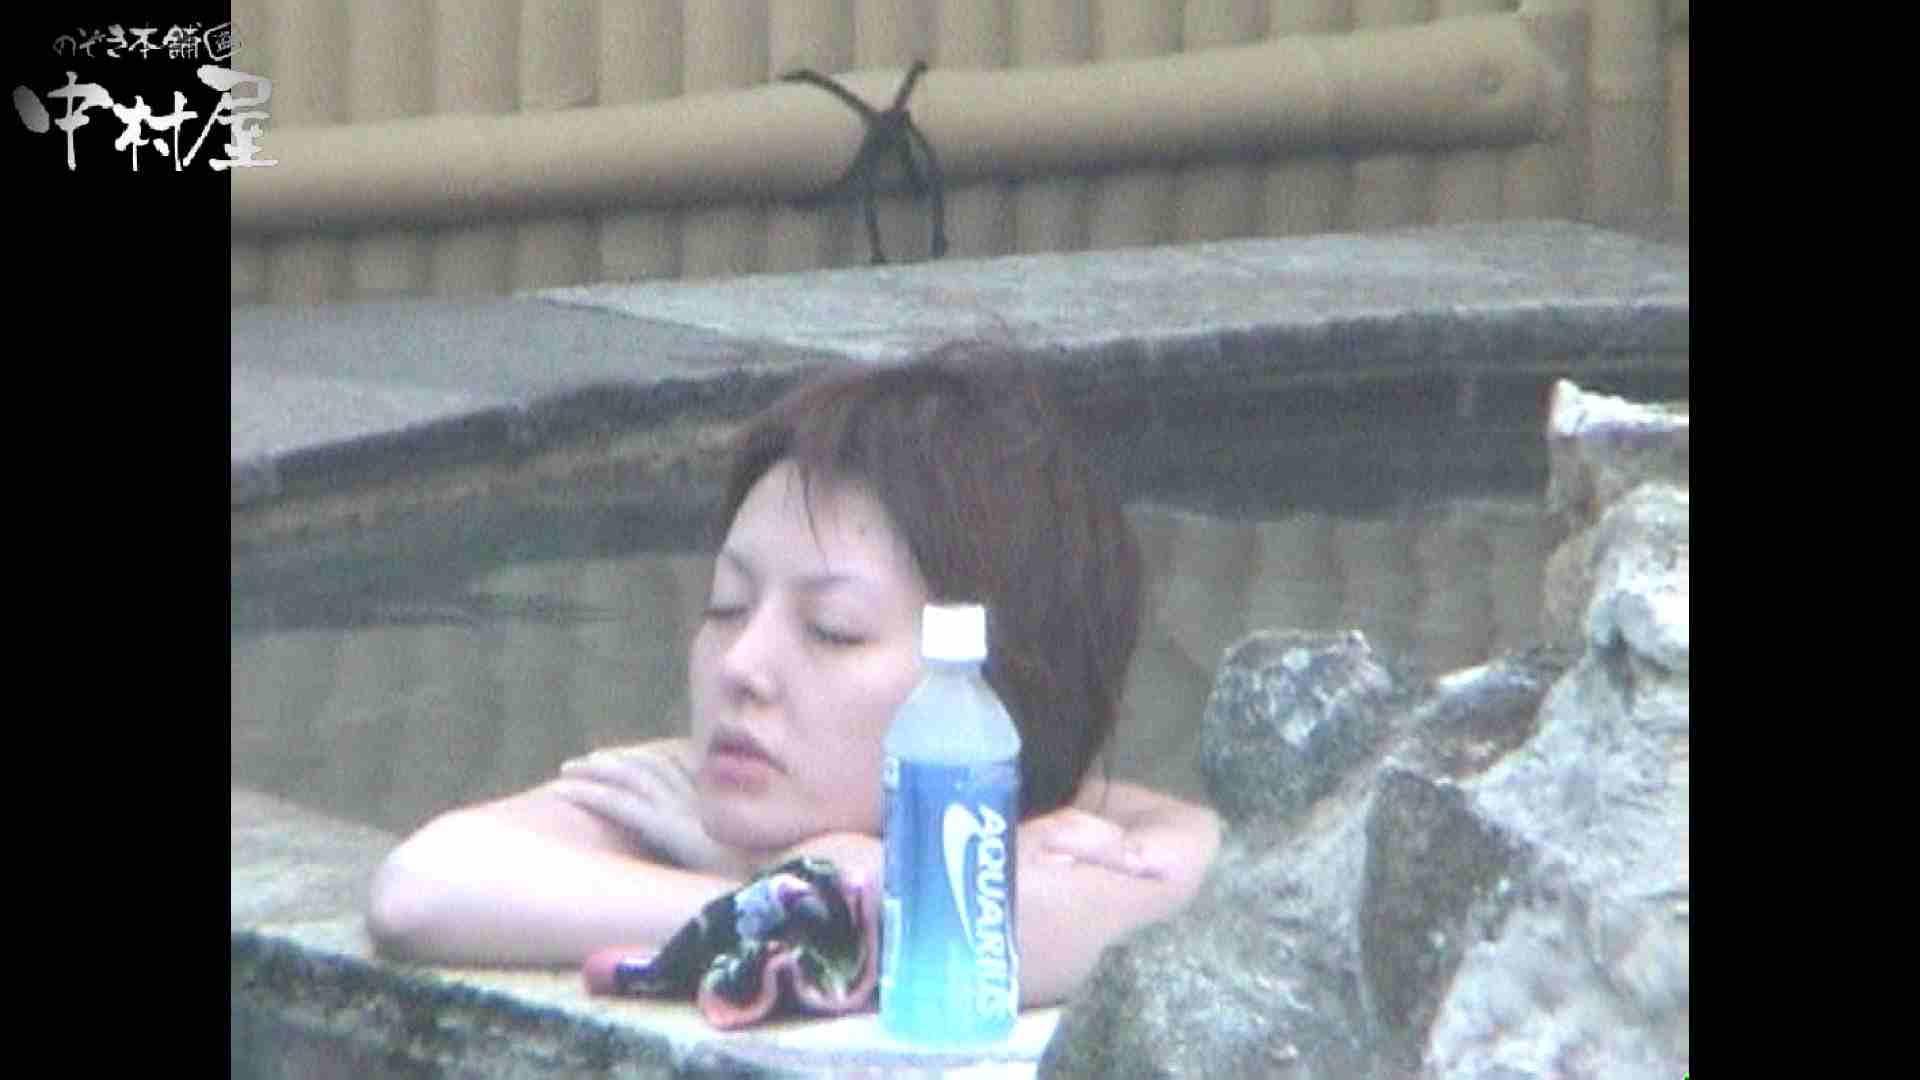 Aquaな露天風呂Vol.959 OL  29pic 8